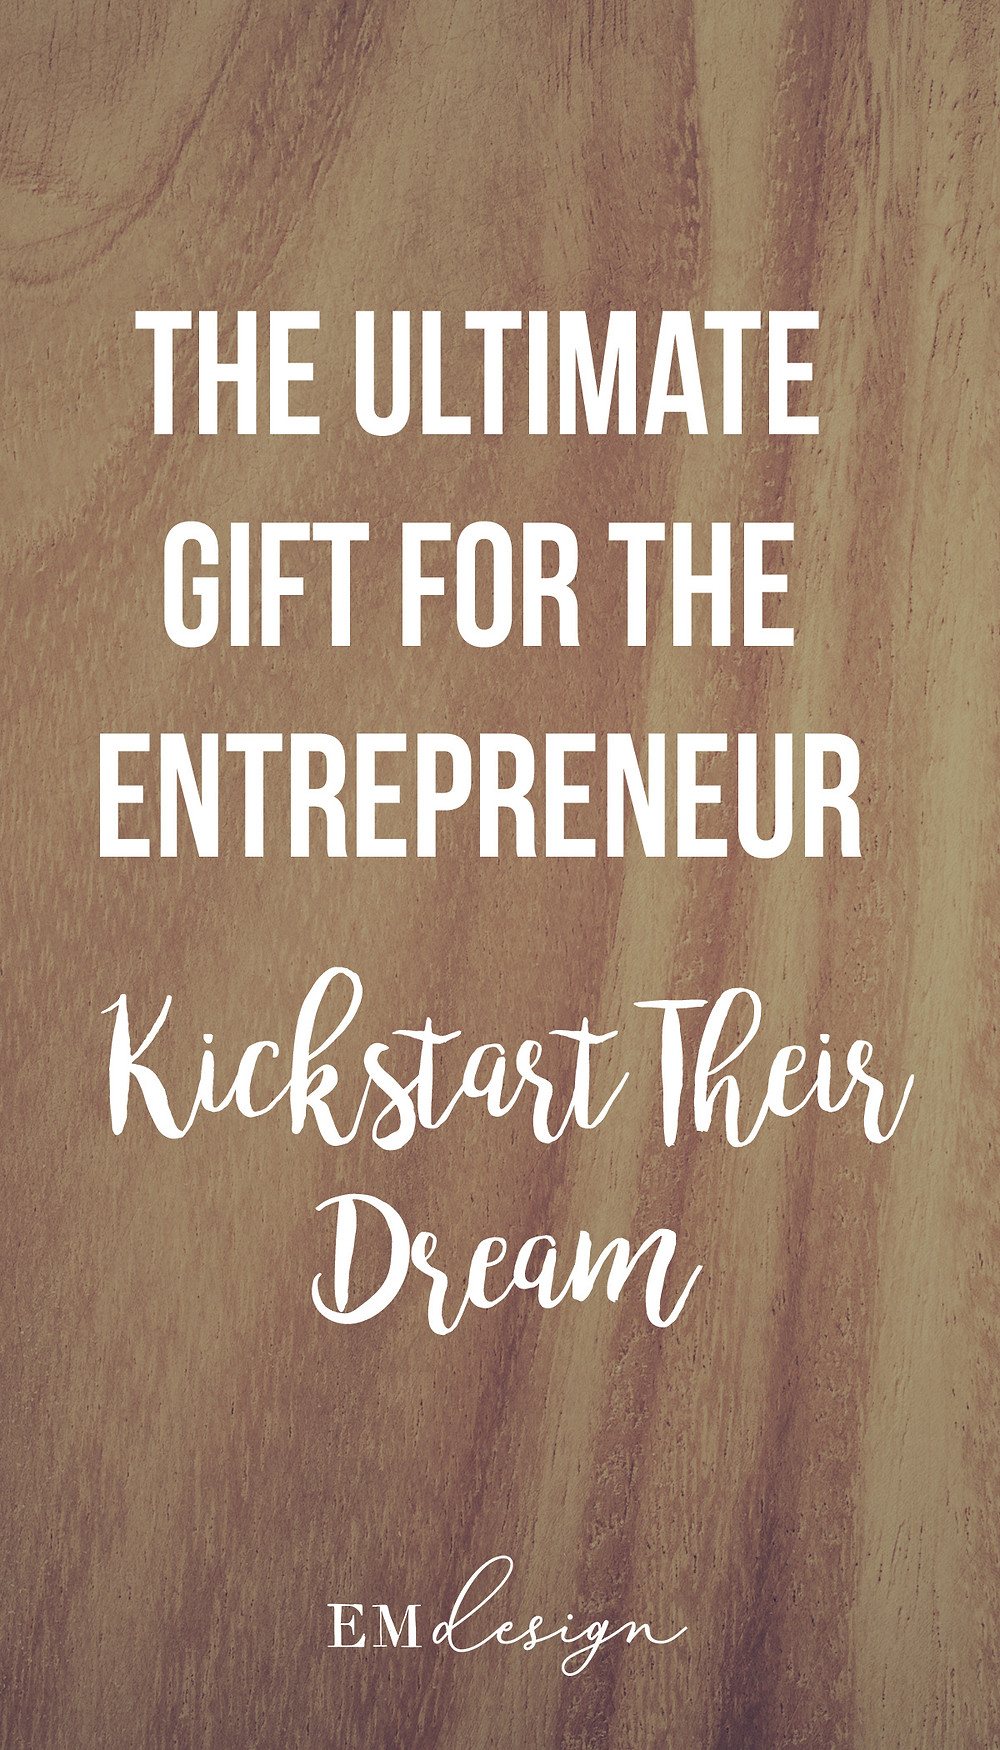 The ultimate gift for the entrepreneur - logo design